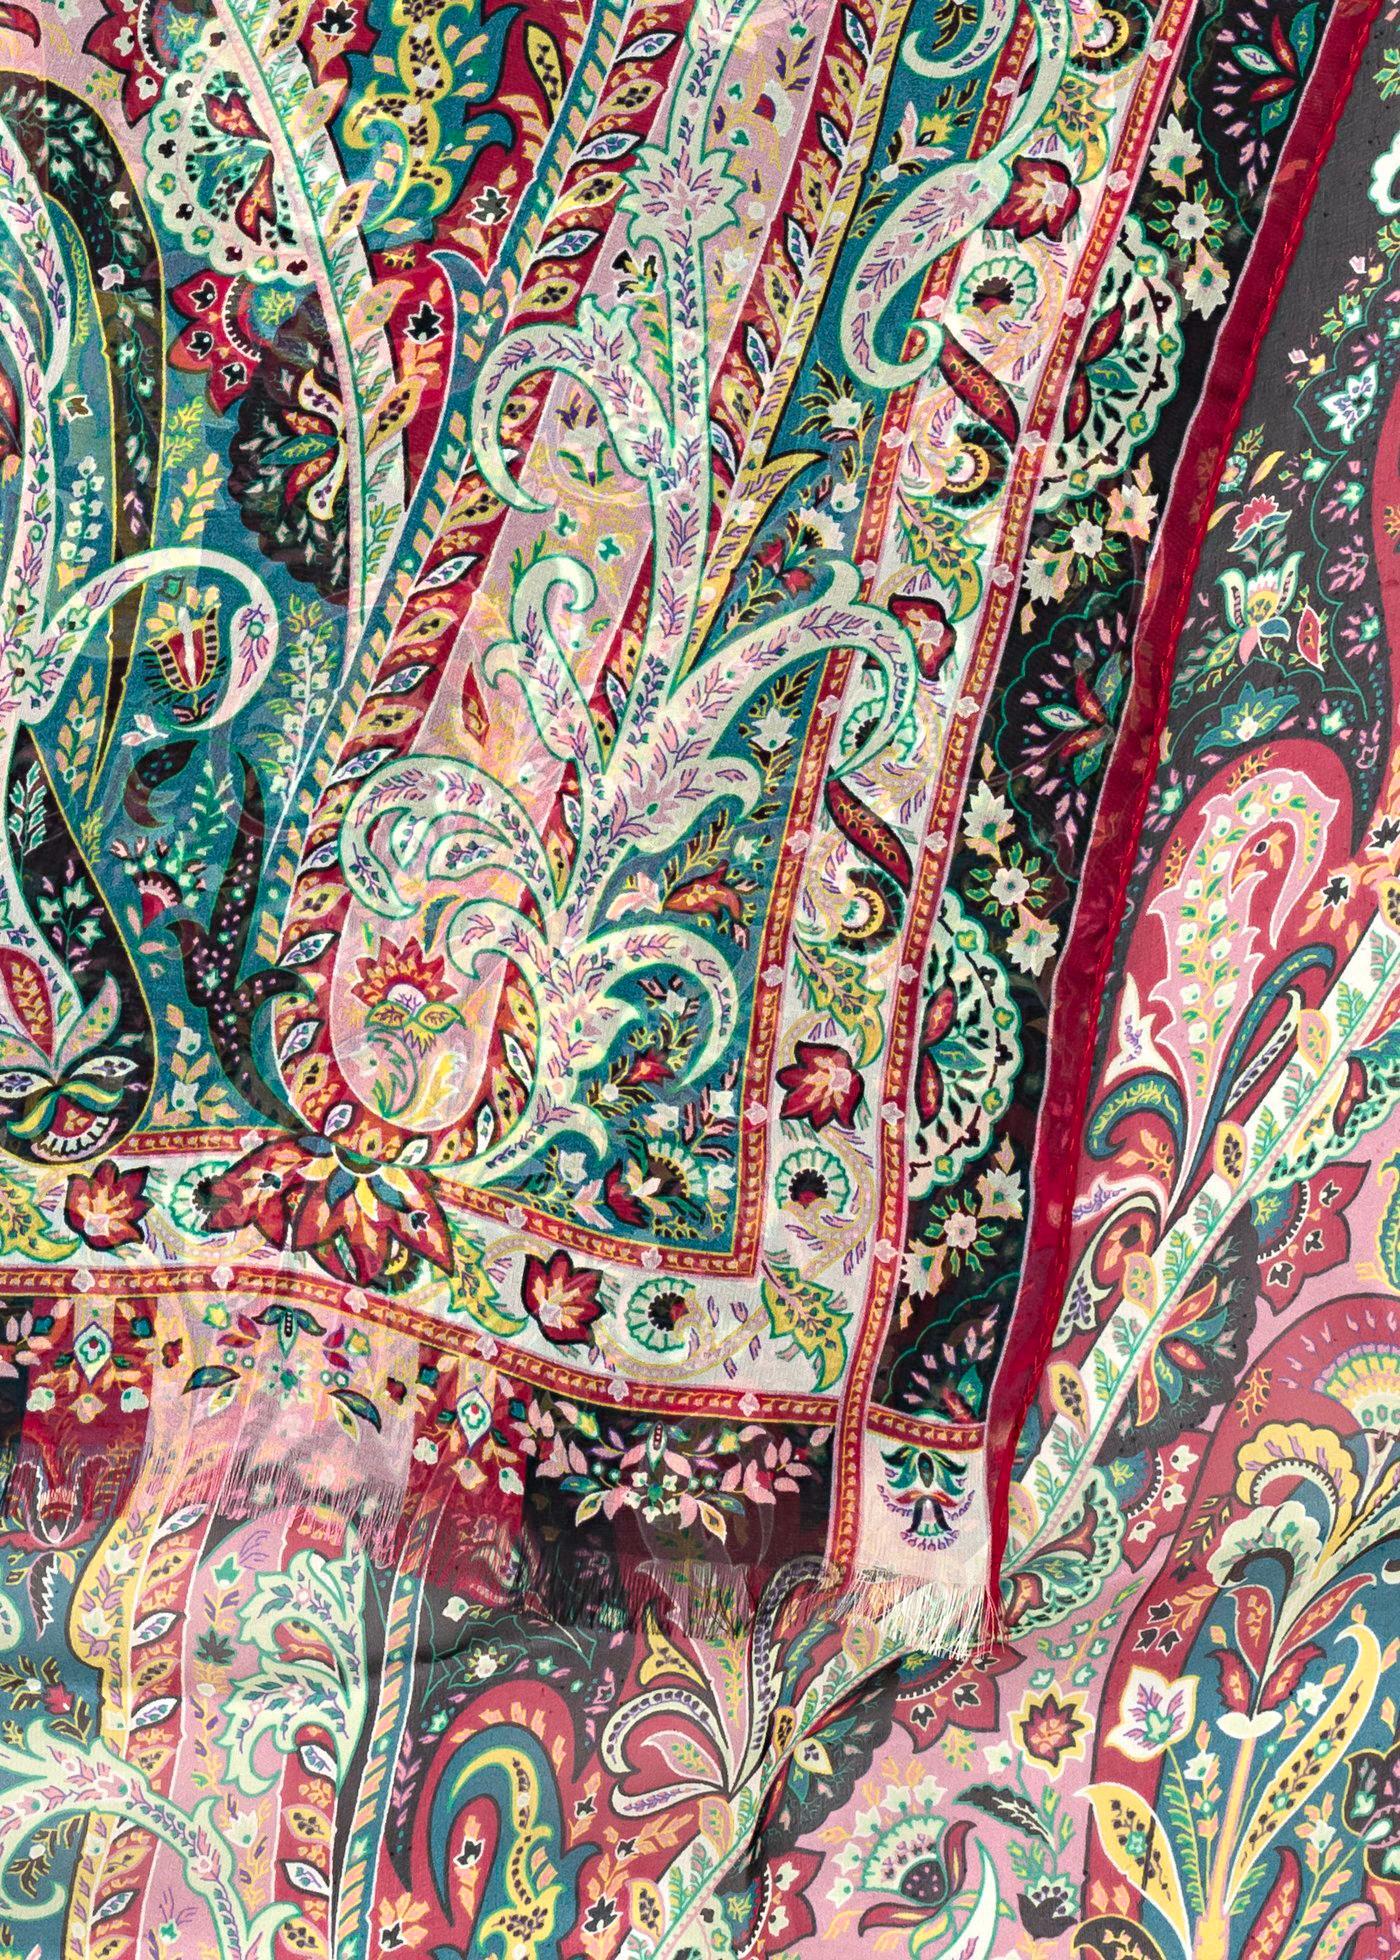 SCIARPA CALCUTTA FEDRA 44X138 image number 1